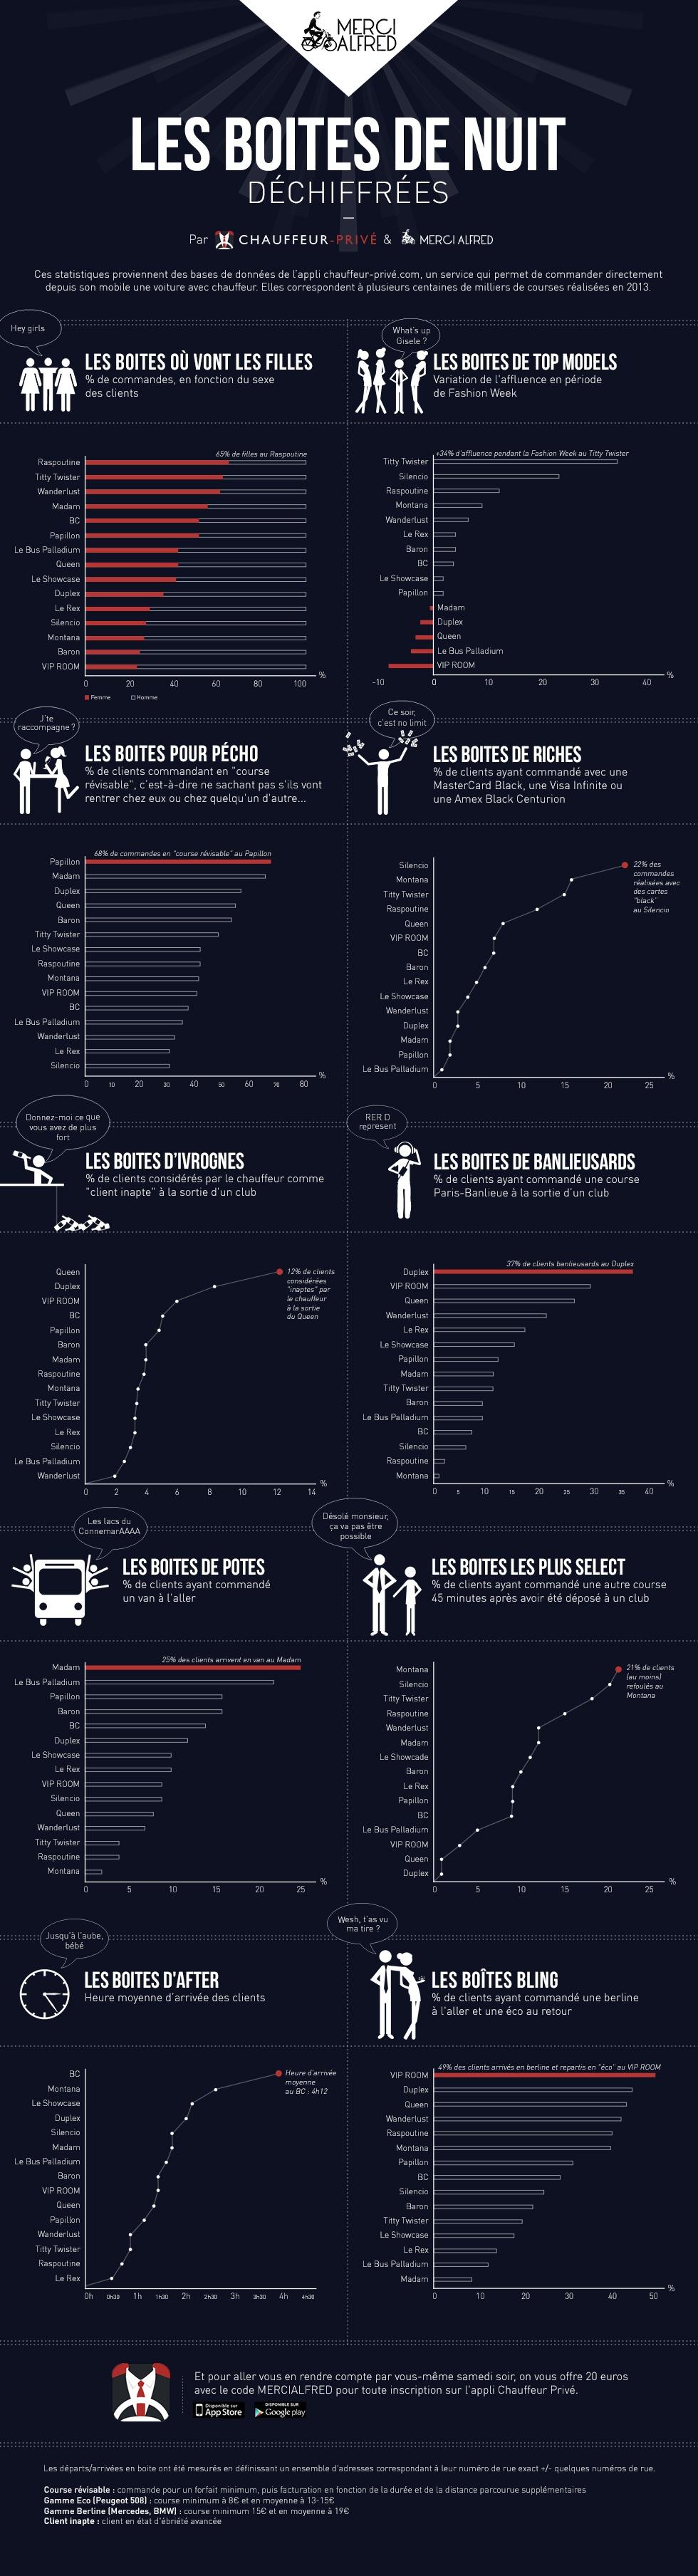 Les Chiffres des Boites de nuit parisiennes – Où sortir la nuit à Paris?